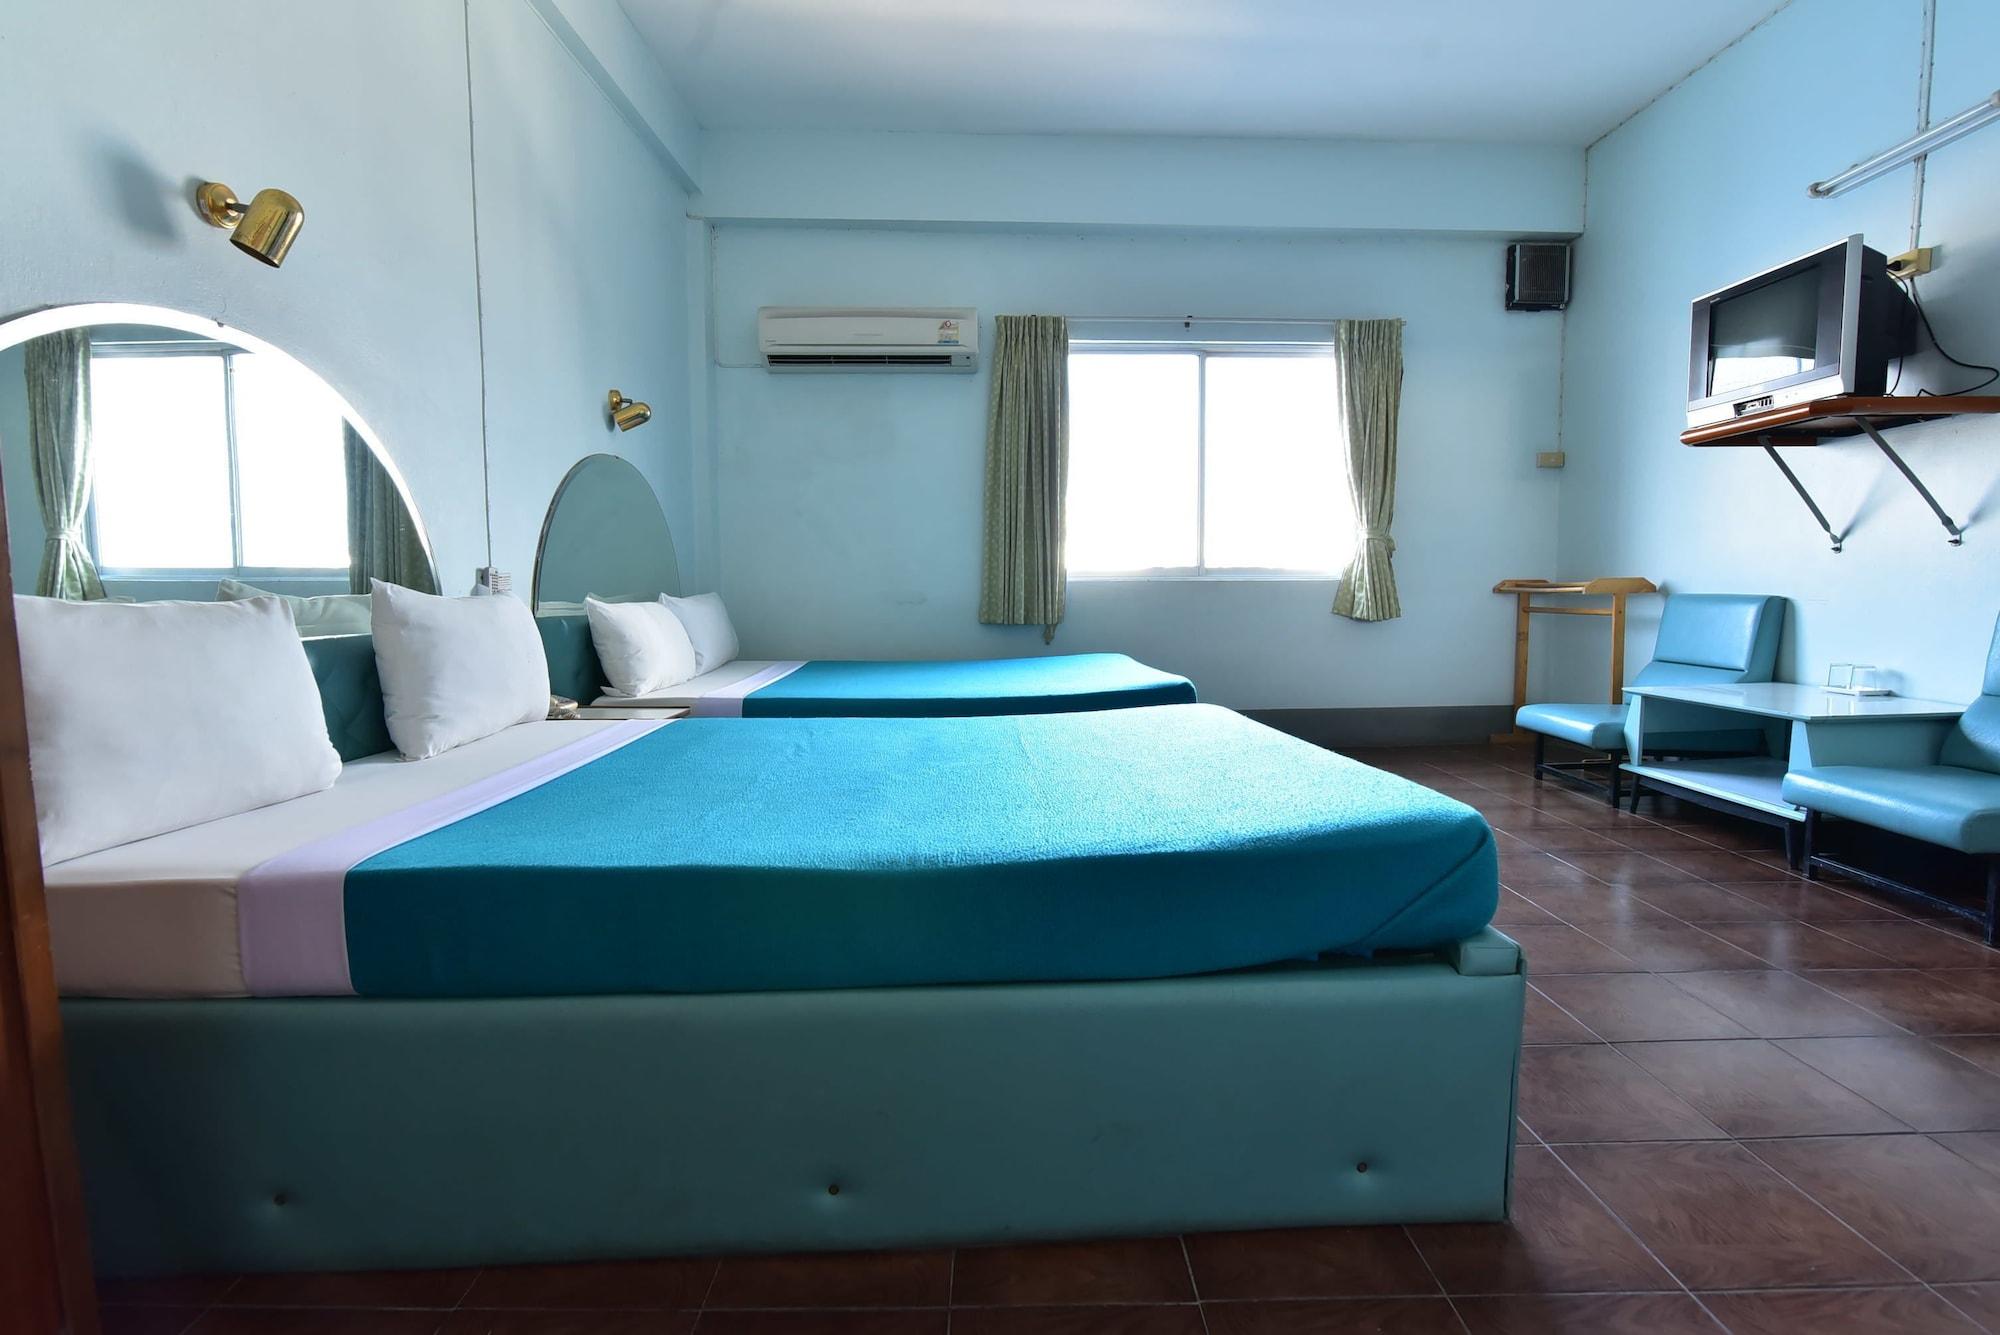 Anodard Hotel, Muang Nakhon Sawan